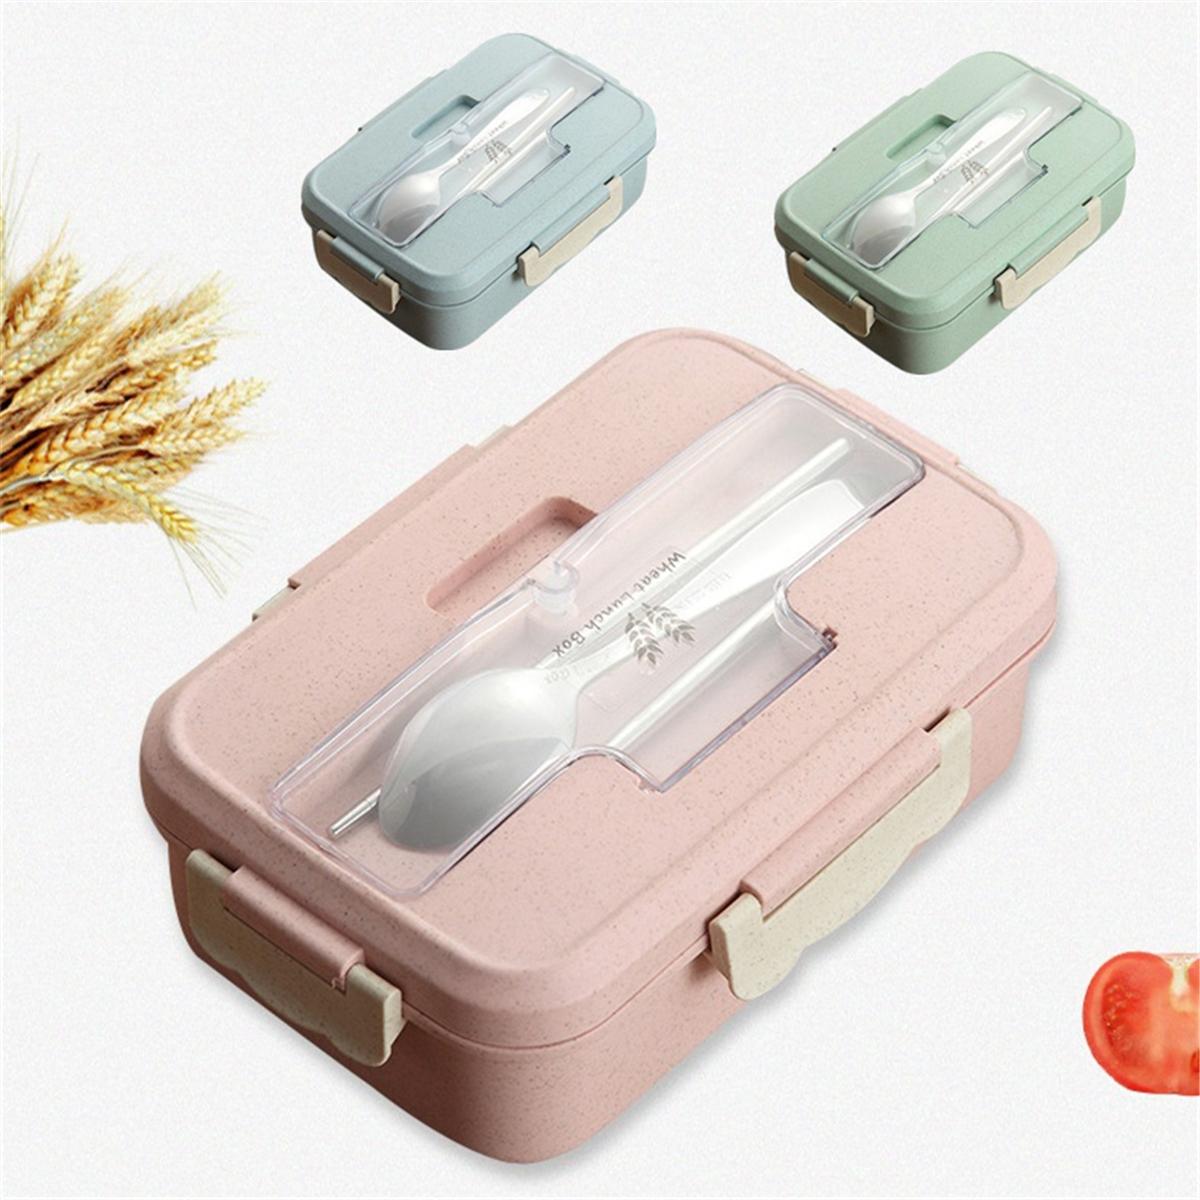 Кухонные ножи и прочие приборы Упаковка с палочками для хранения пищевых баллонов (Фото 1)